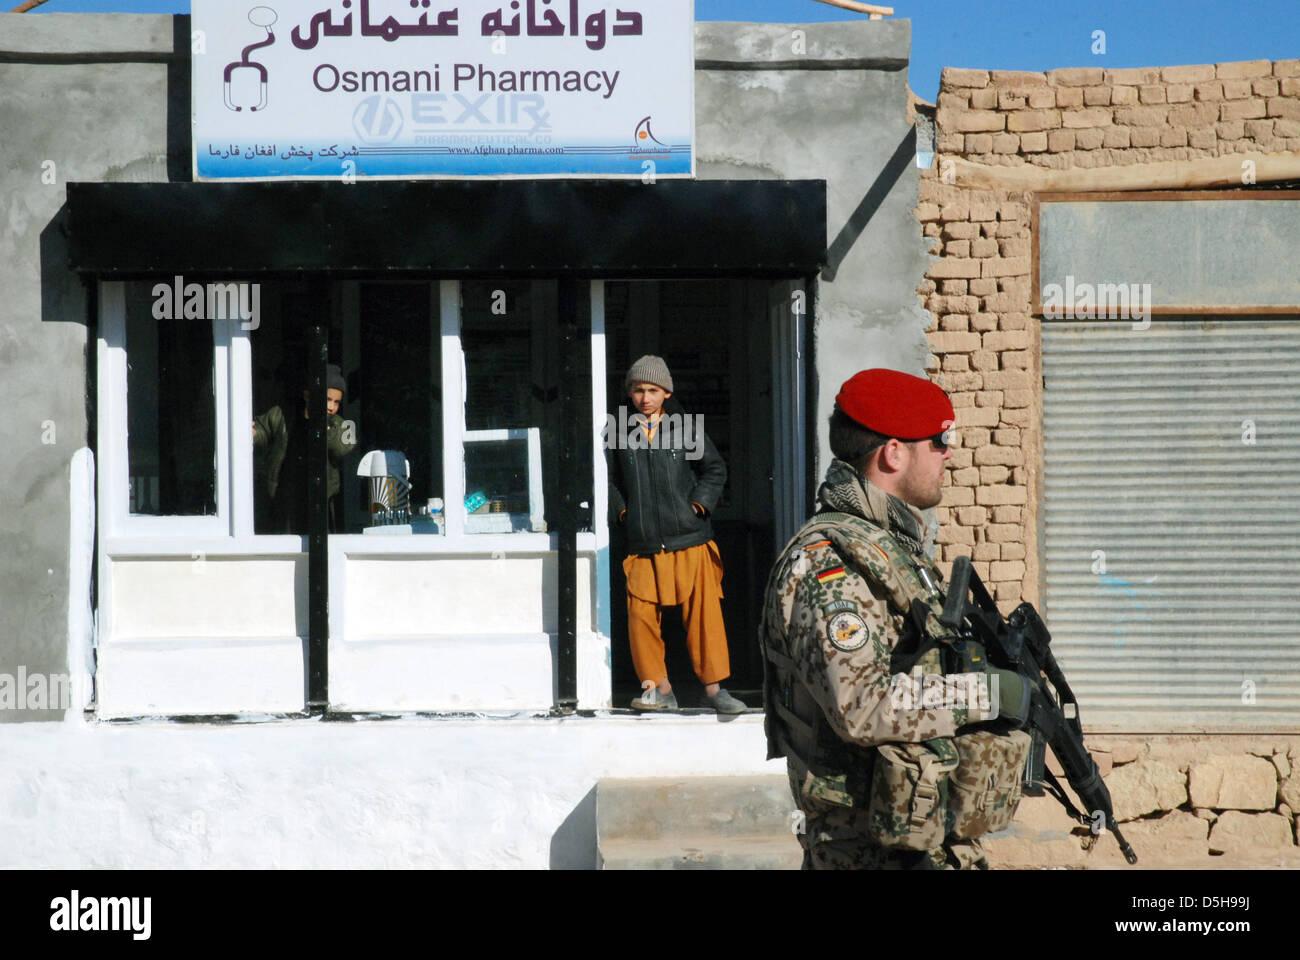 Soldaten datieren Website Gänsehaut aus einem Team magma grunt